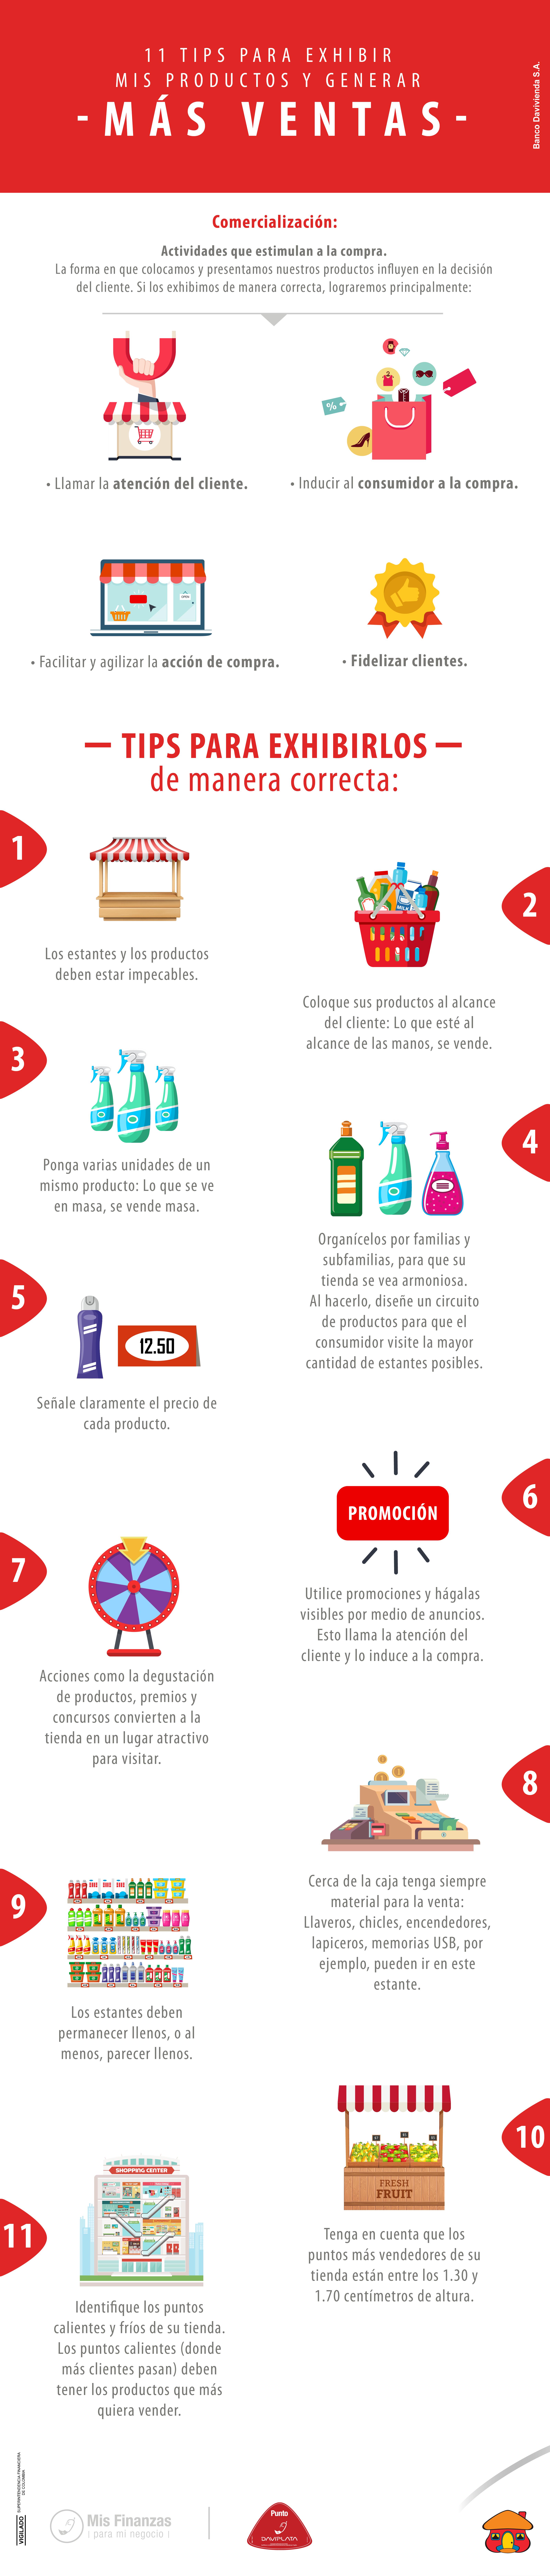 11 tips para exhibir mis productos y generar mas ventas_Mesa de trabajo 1 (1)